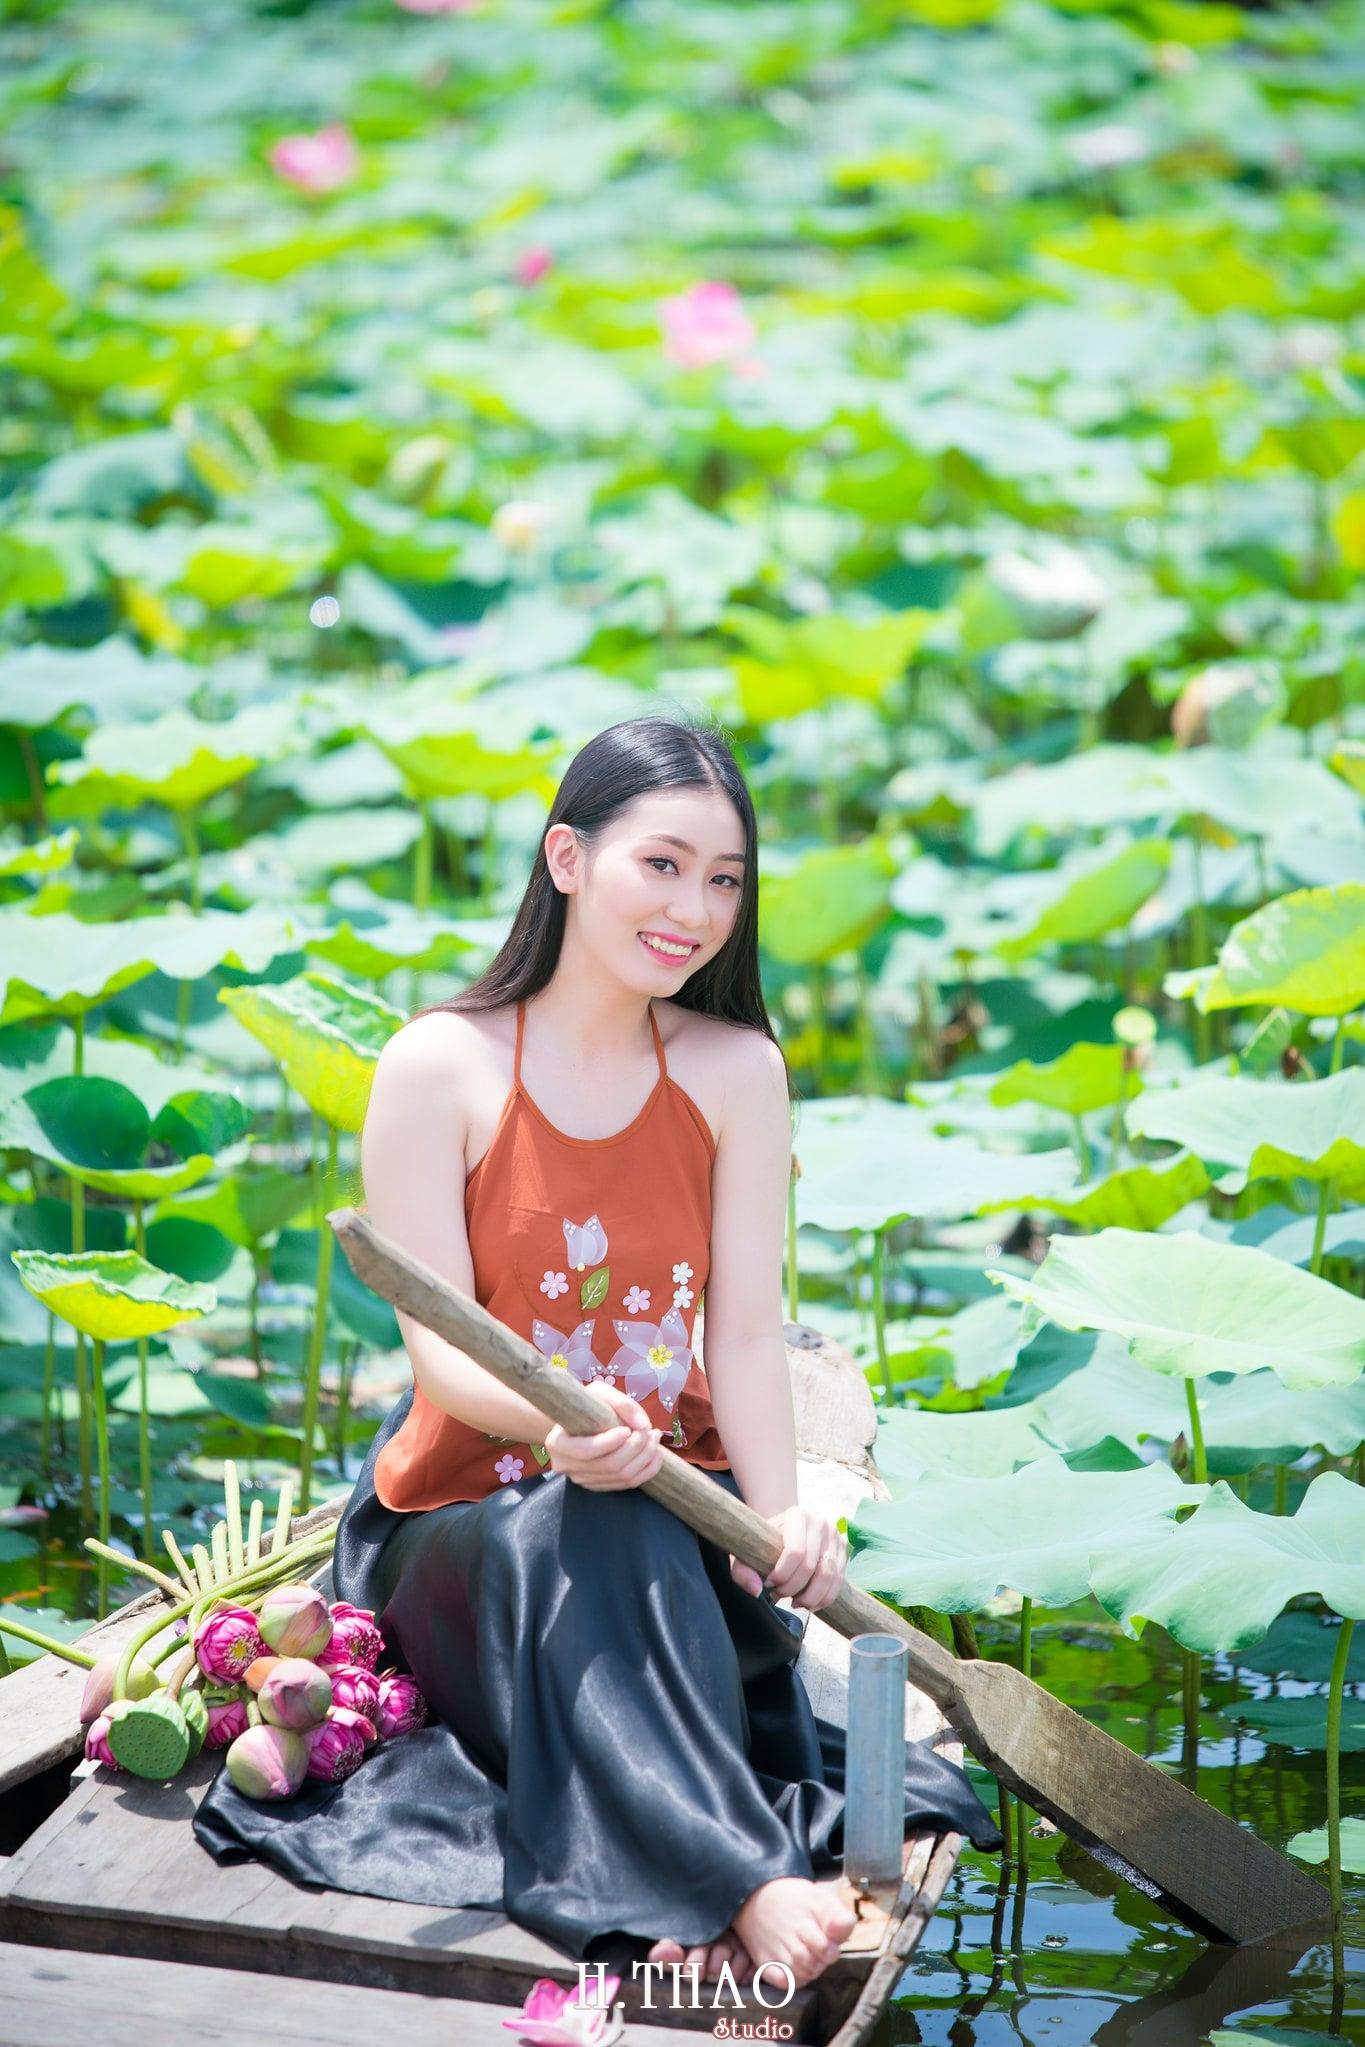 ao yem hoa sen 10 - Album ảnh chụp áo yếm với hoa sen đẹp dịu dàng - HThao Studio